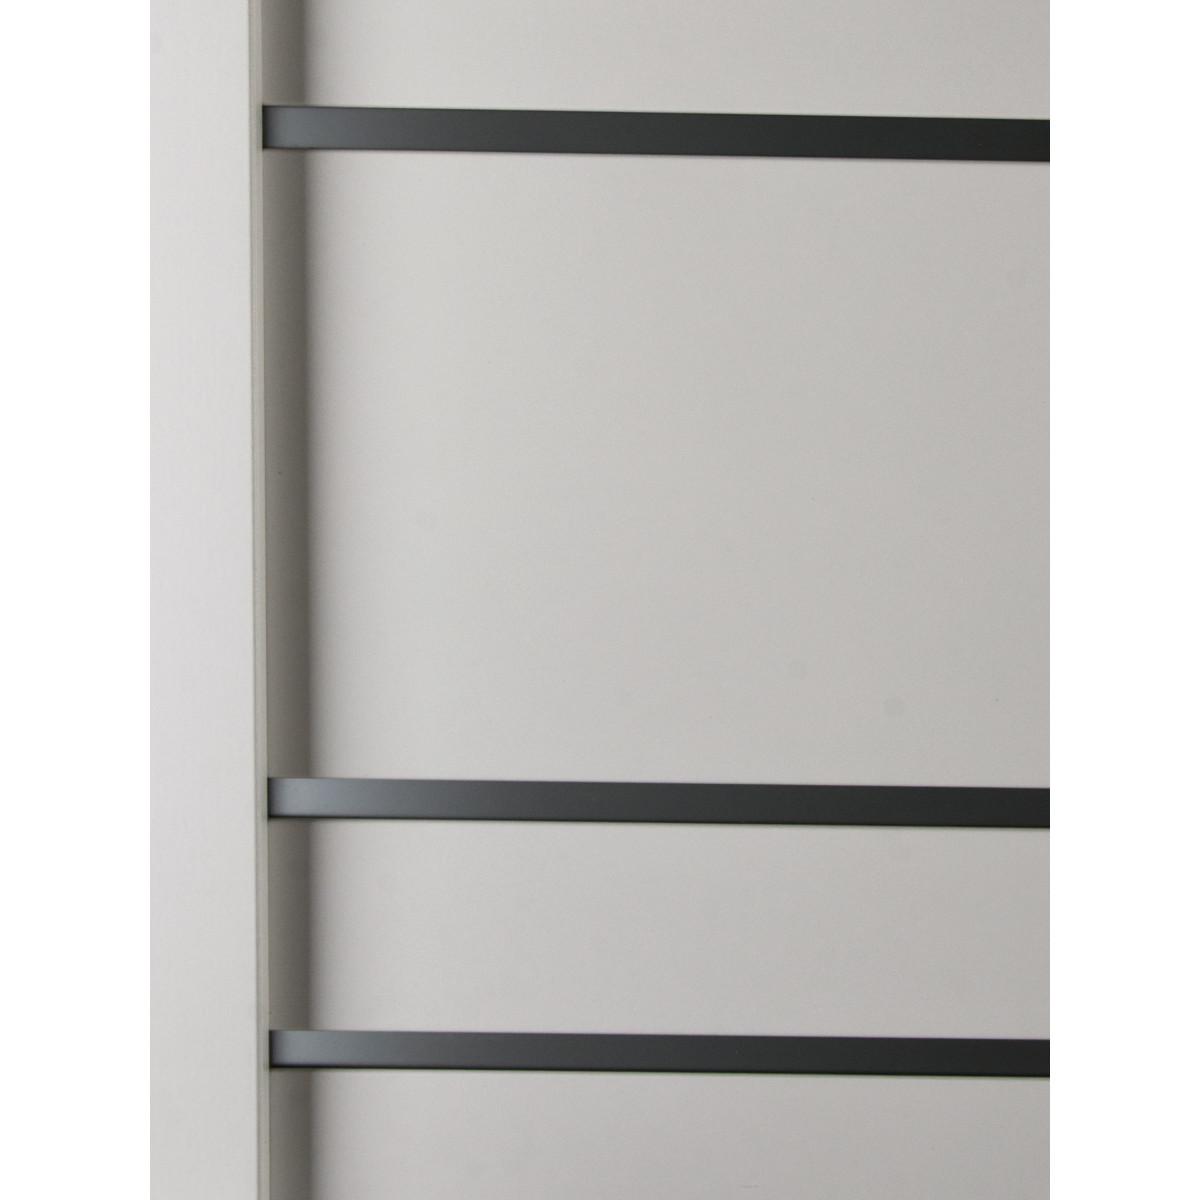 Дверь Межкомнатная Остеклённая С Фурнитурой Парма 80Х200 Hardflex Цвет Белый